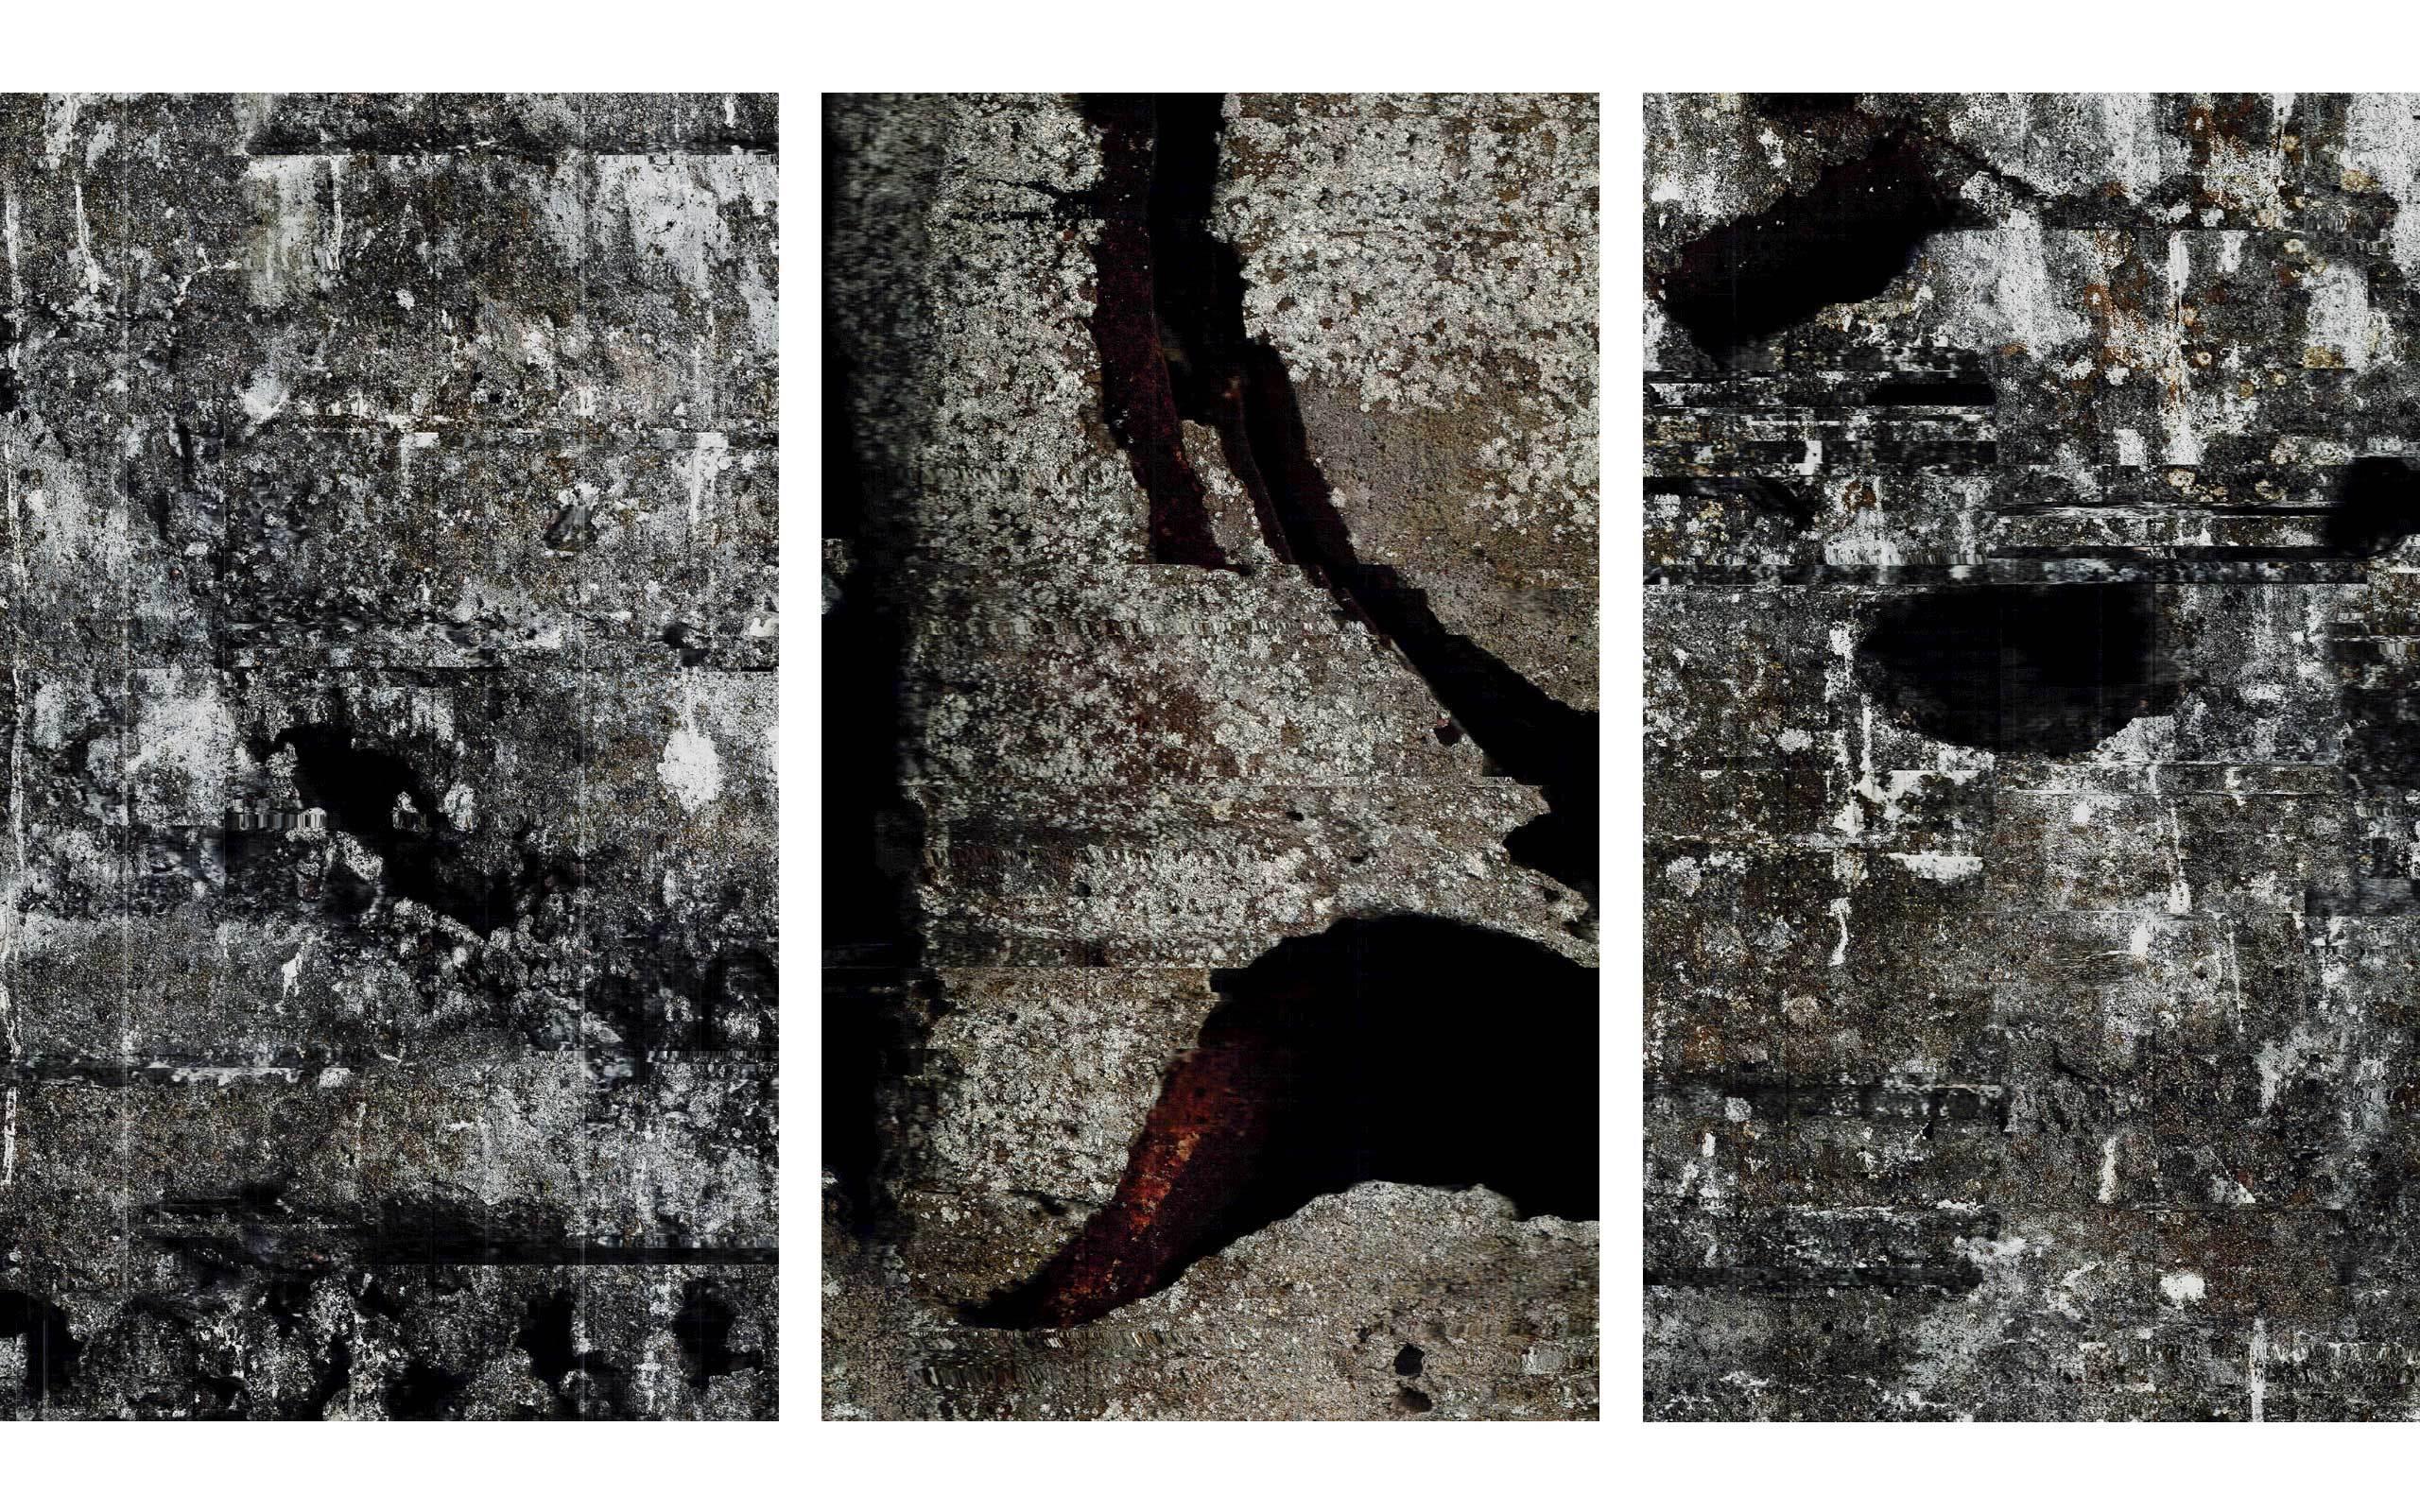 01 John Skoog limited-release art edition (Rift 1) South Wall; (Rift 2) North Wall; (Rift 3) South Wall